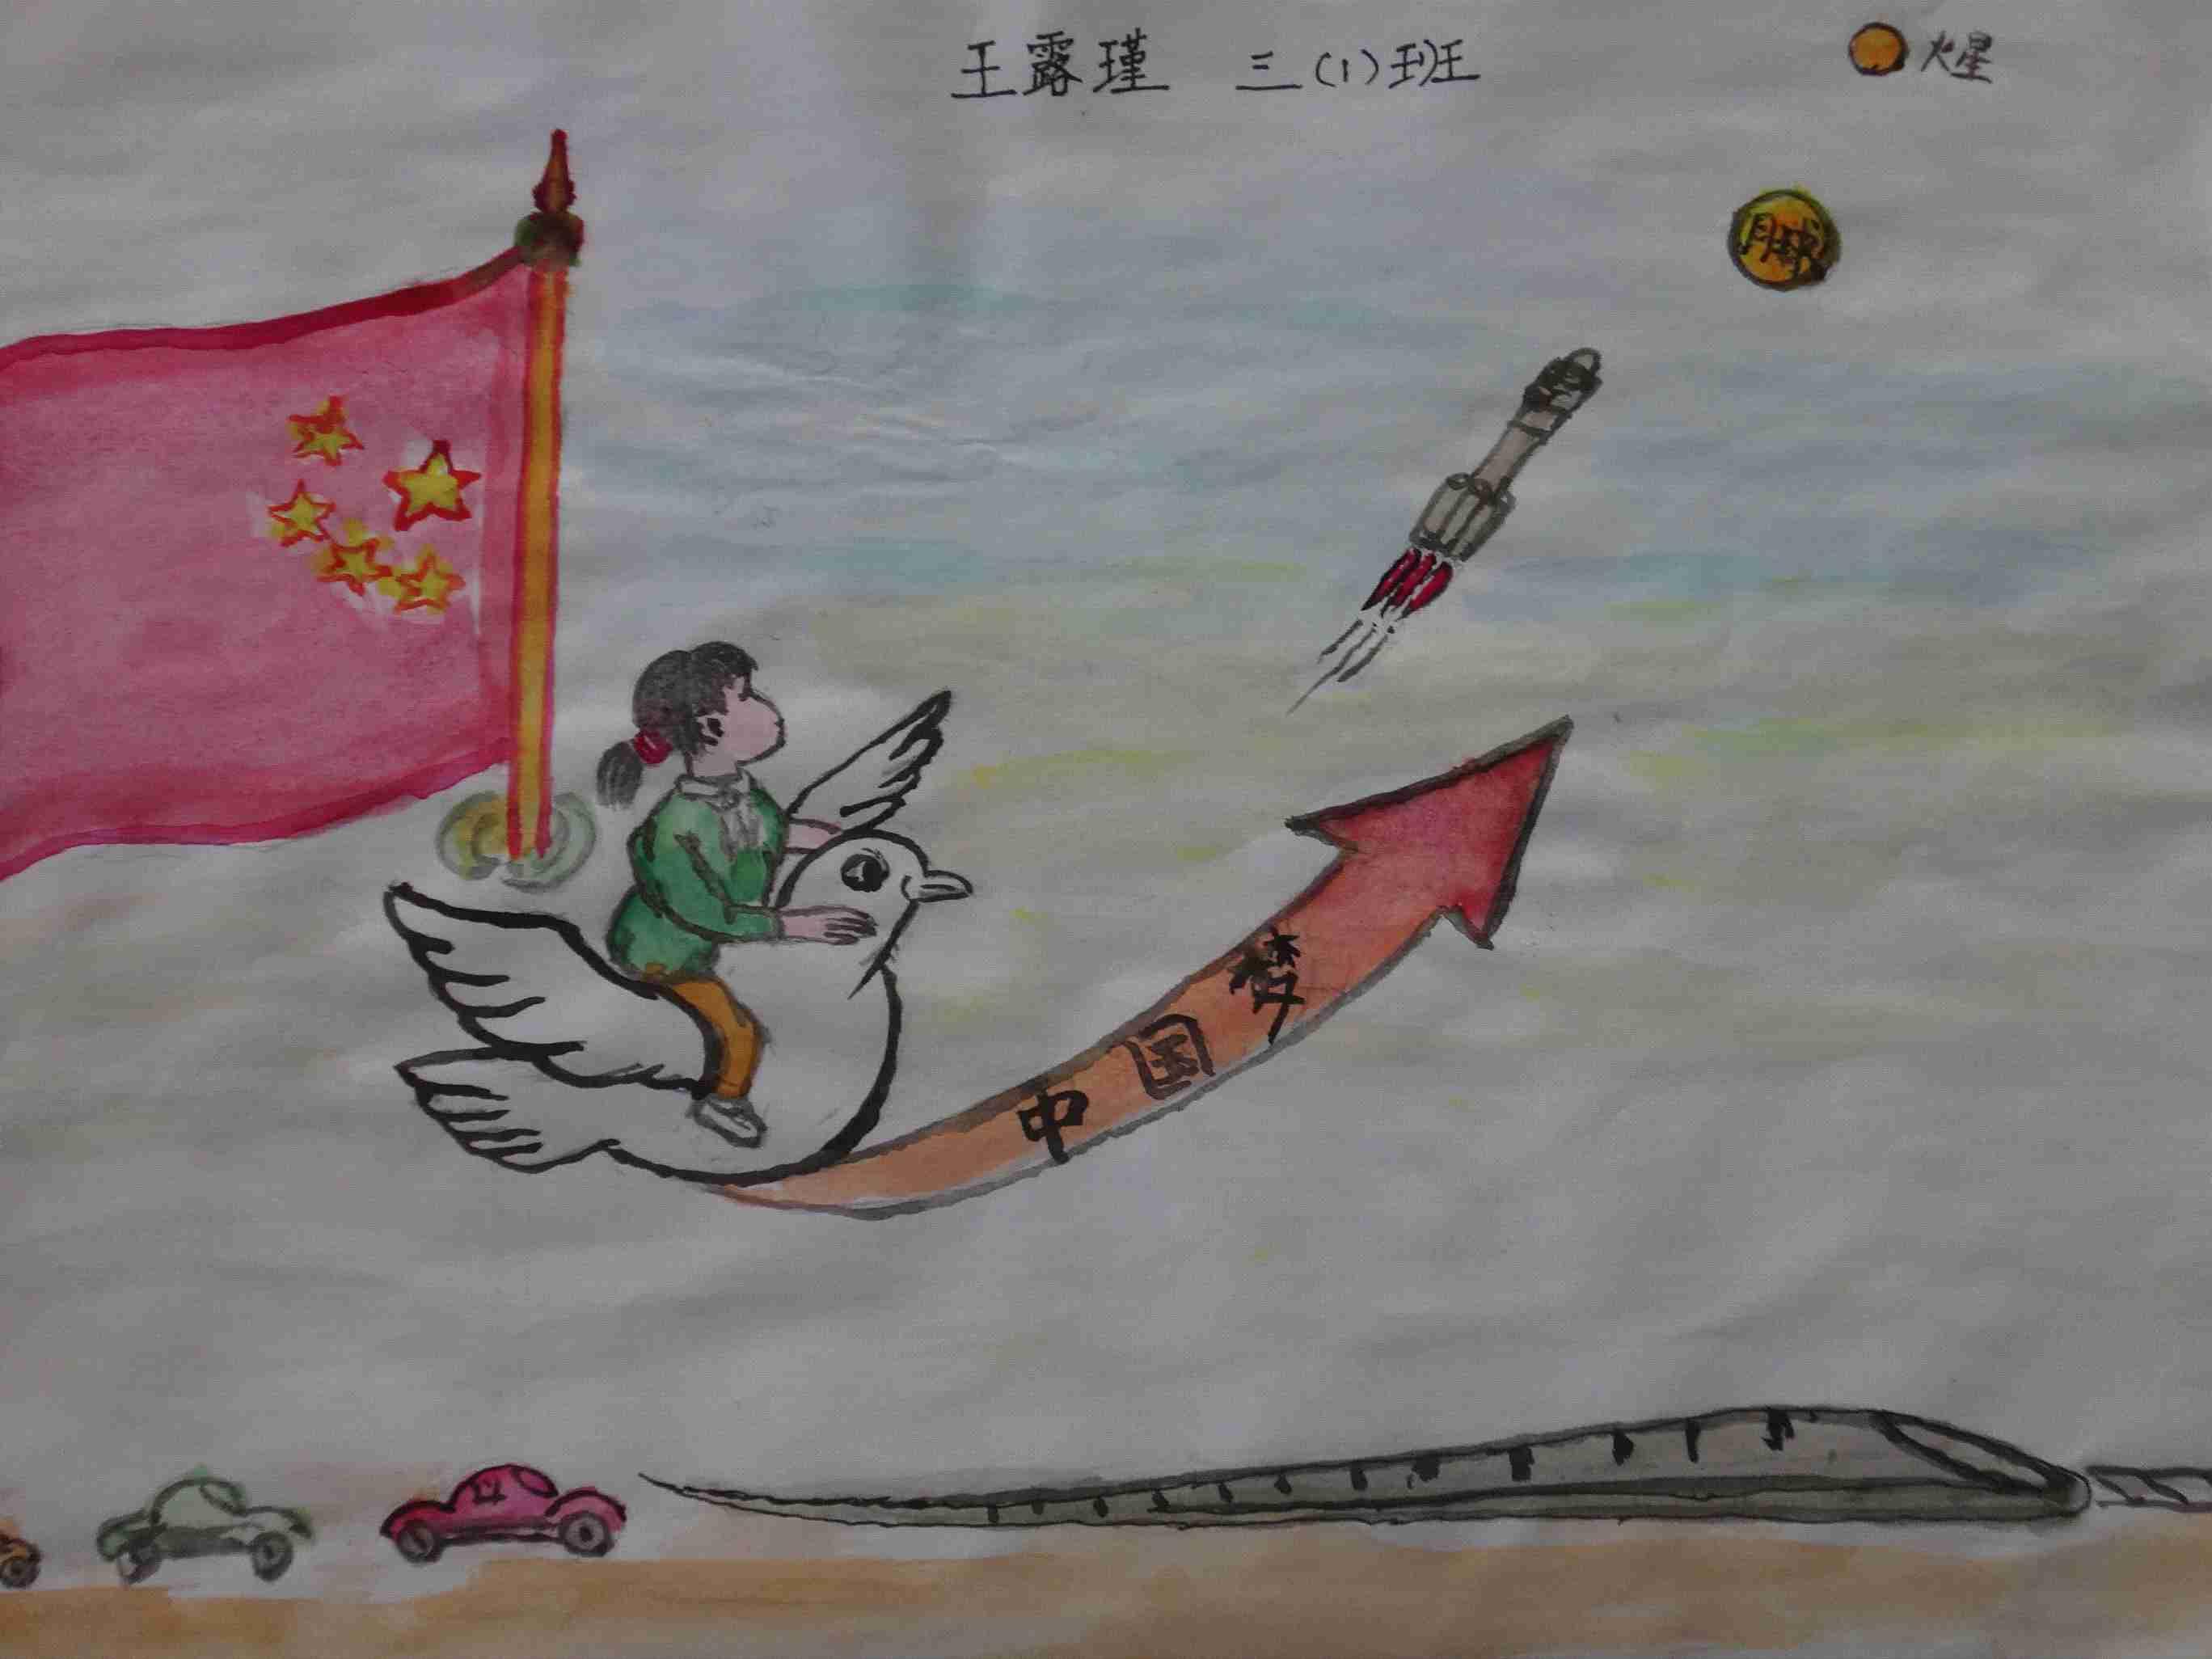 活动展 活动 未来网红领巾集结号